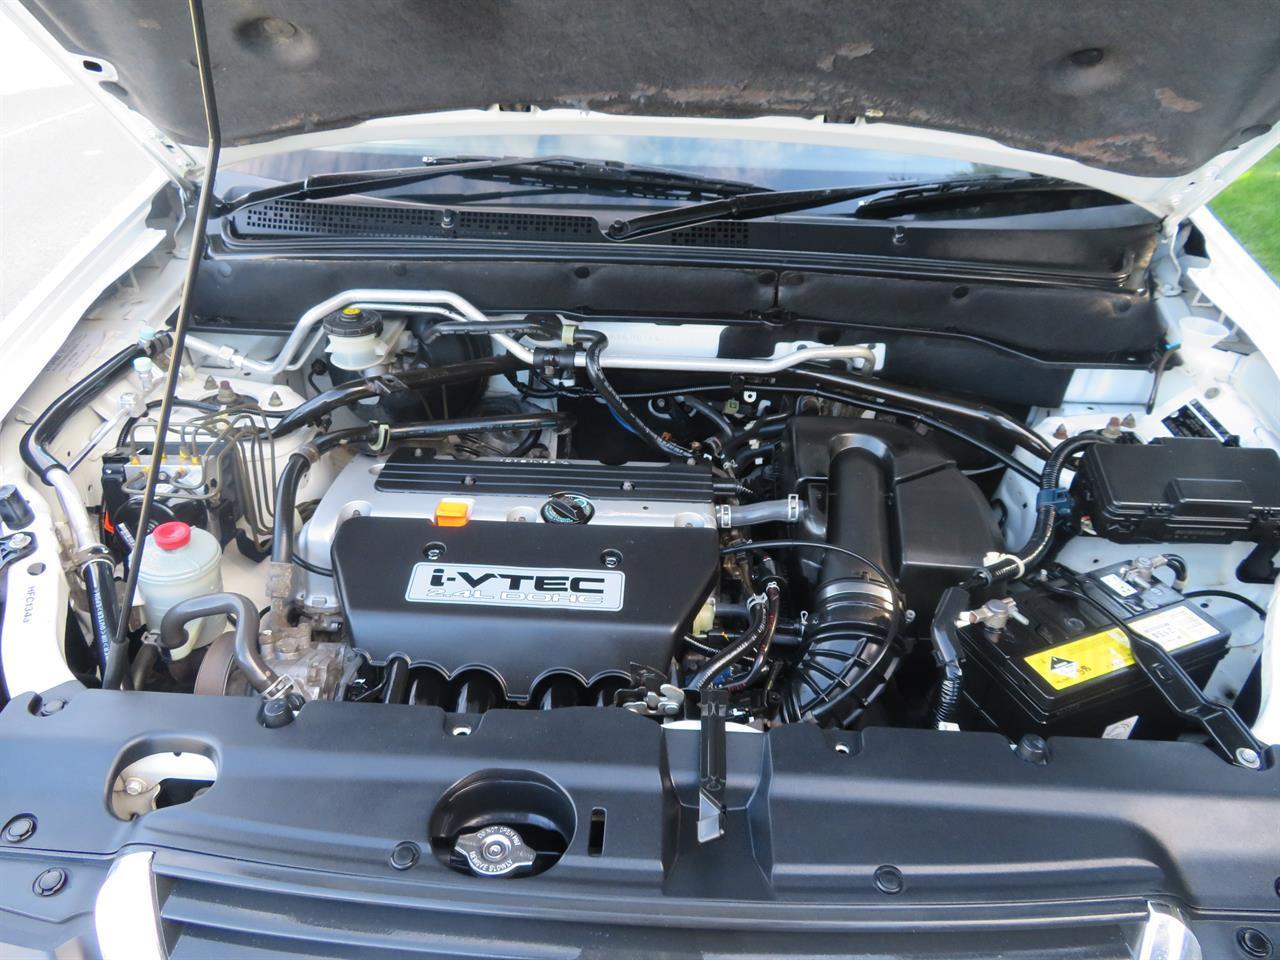 image-9, 2002 Honda CR-V AWD at Gore